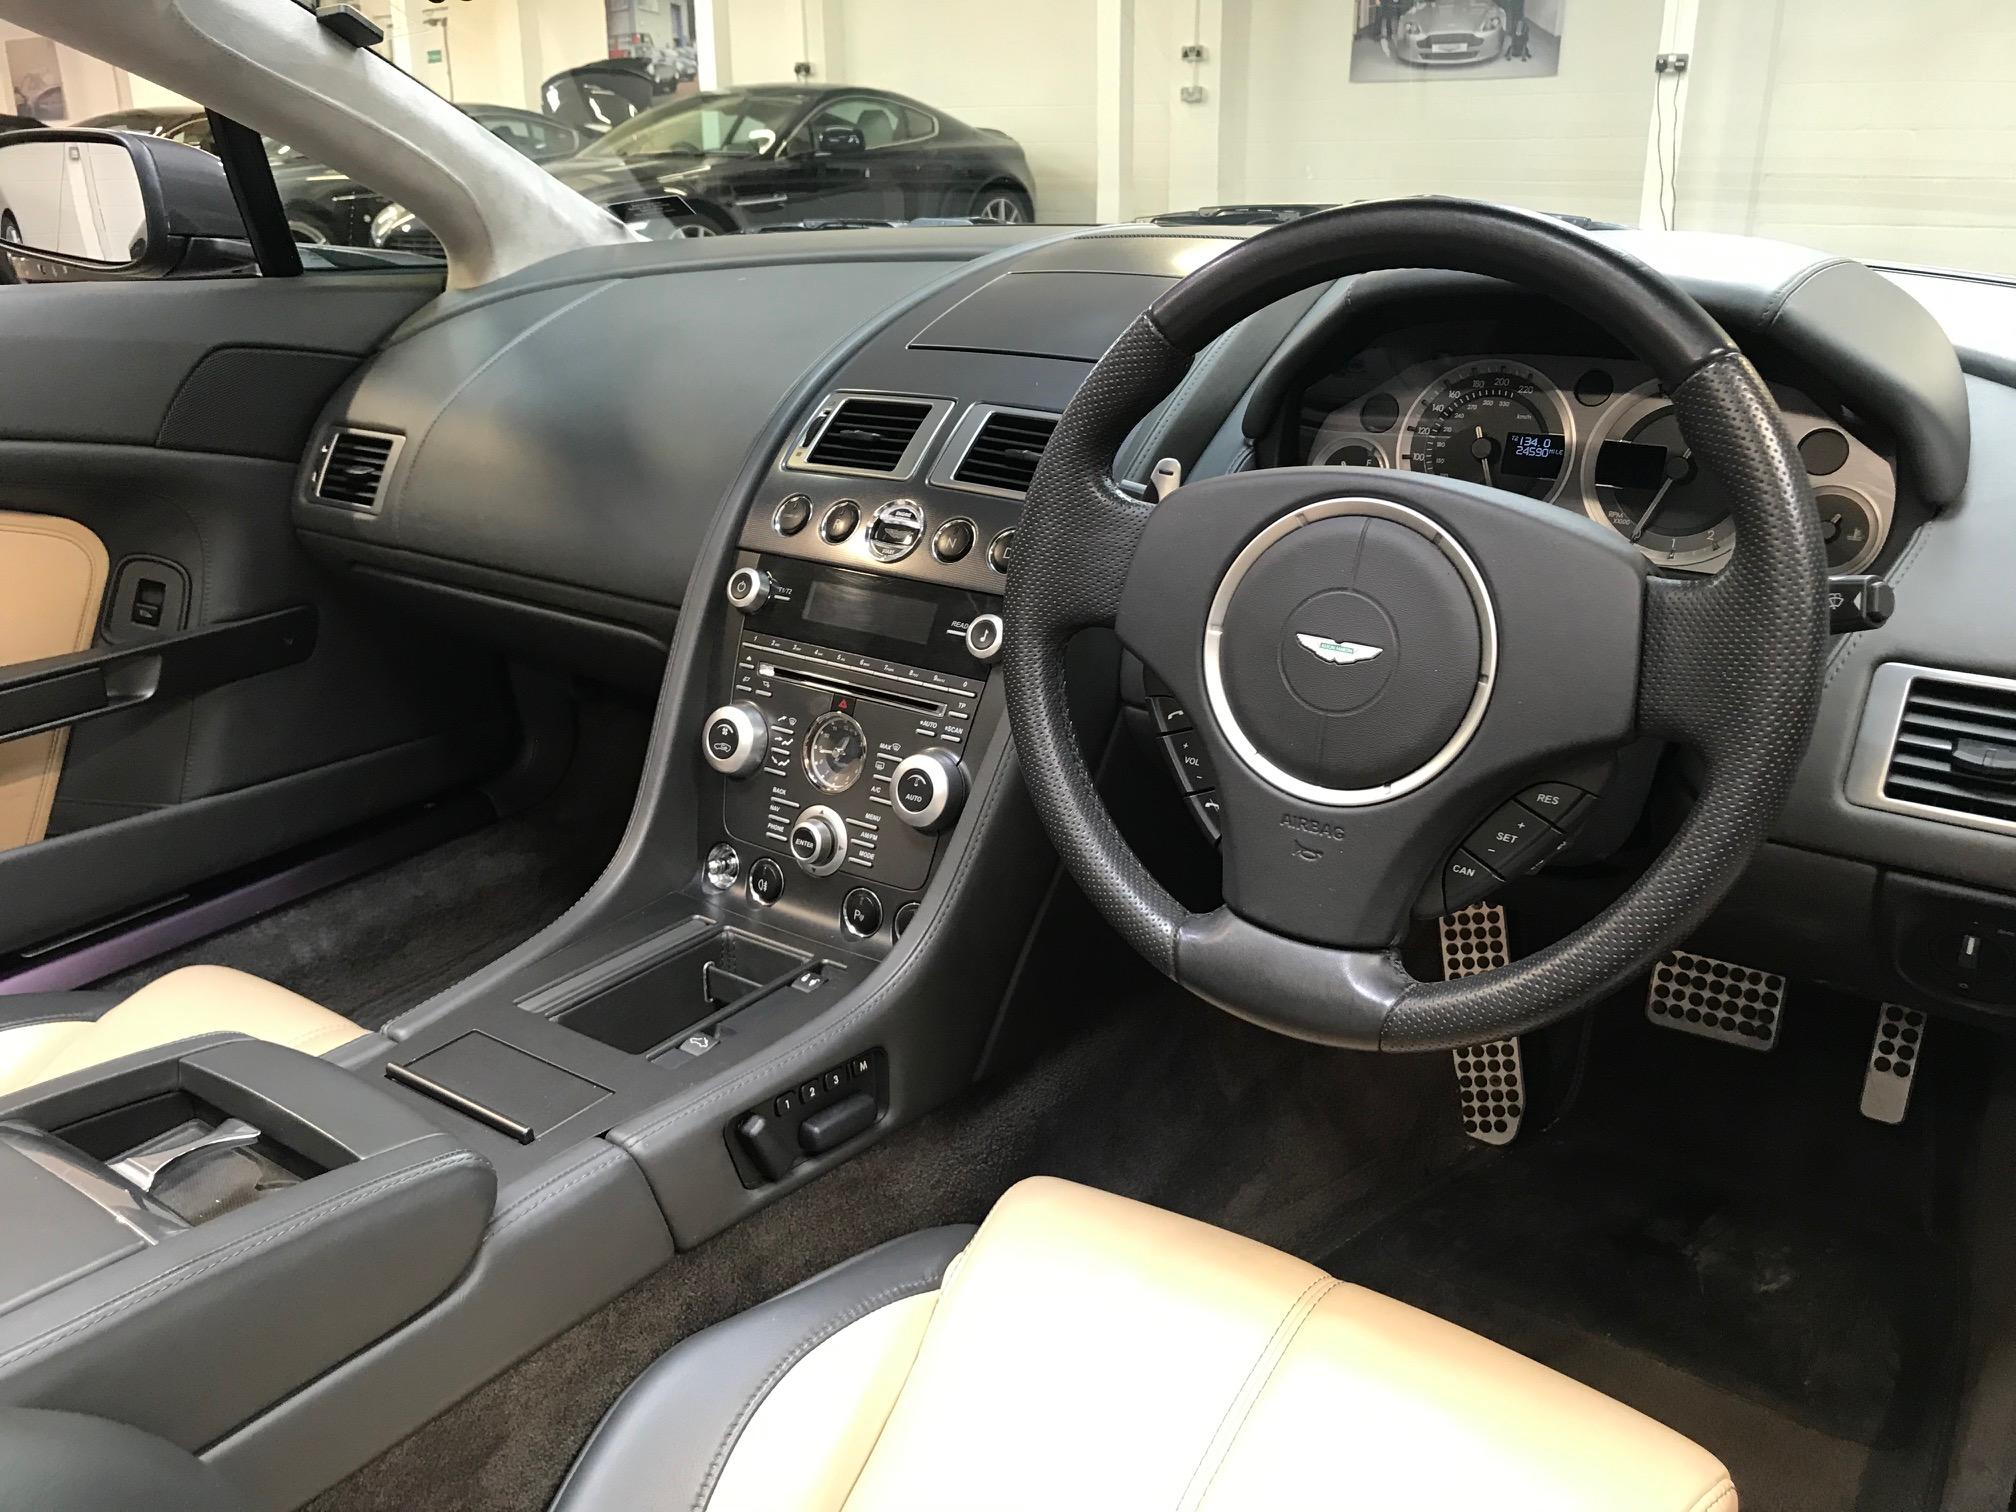 Used V8 Vantage Roadster for sale